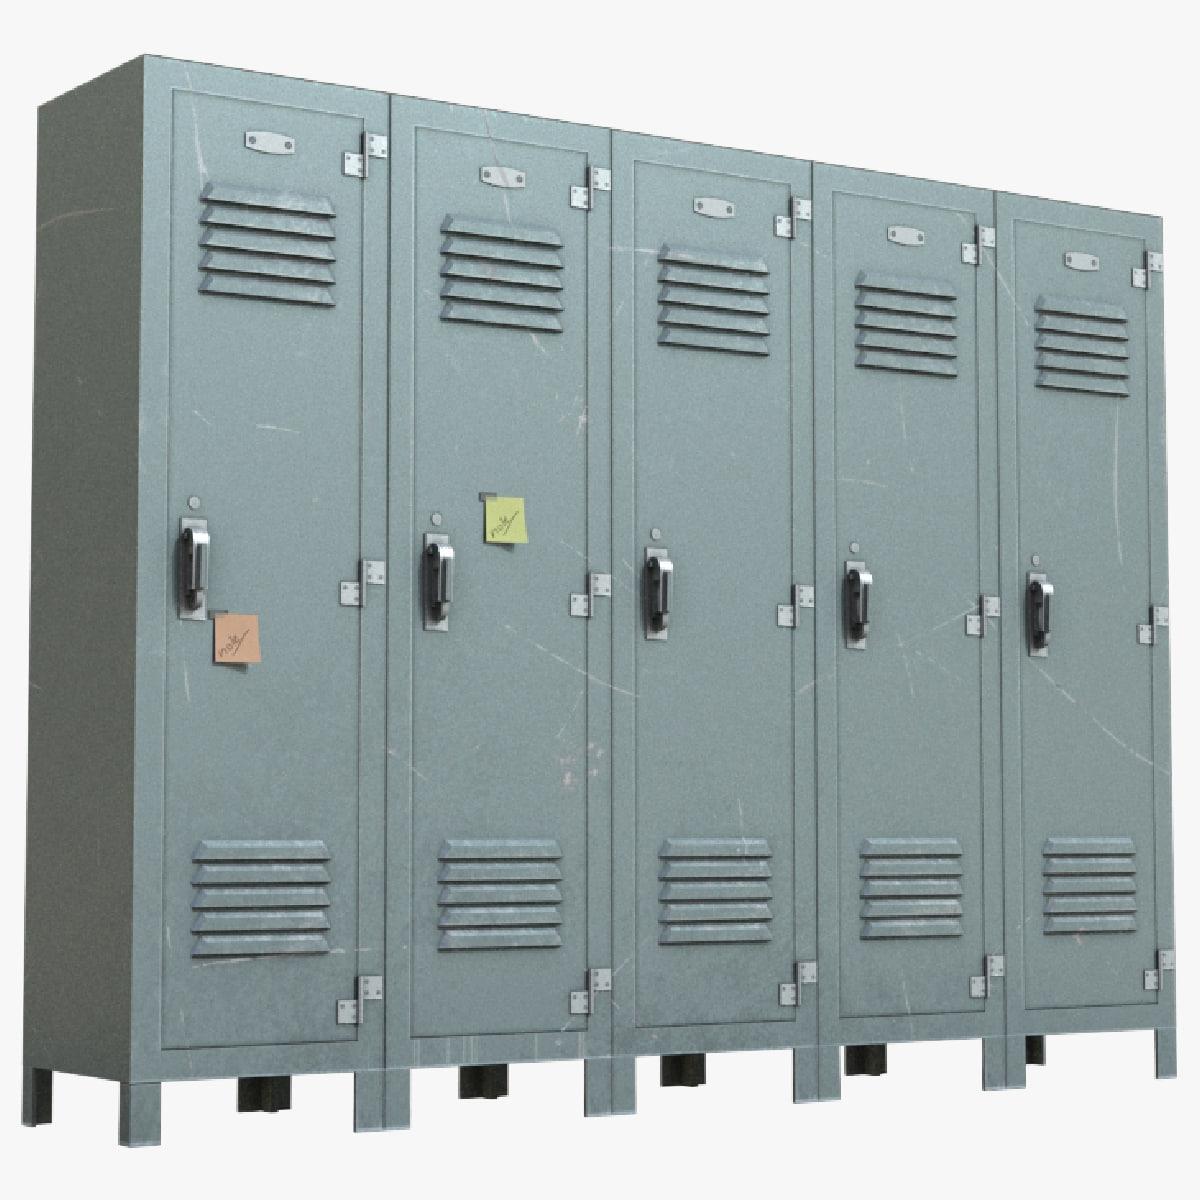 locker polys unreal 3D model